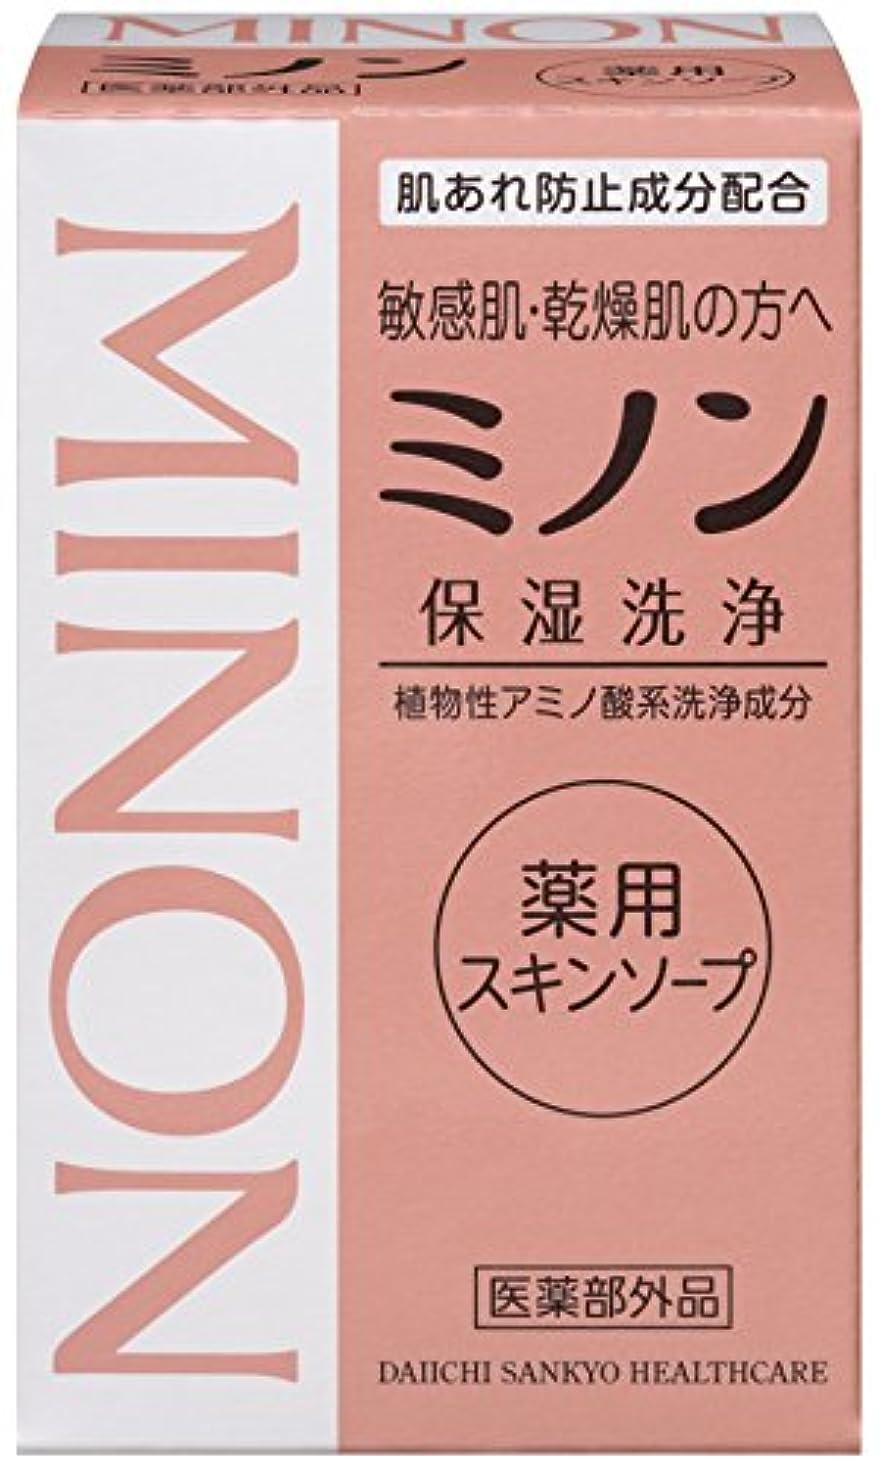 砂漠異常な前書きMINON(ミノン) 薬用スキンソープ 80g 【医薬部外品】